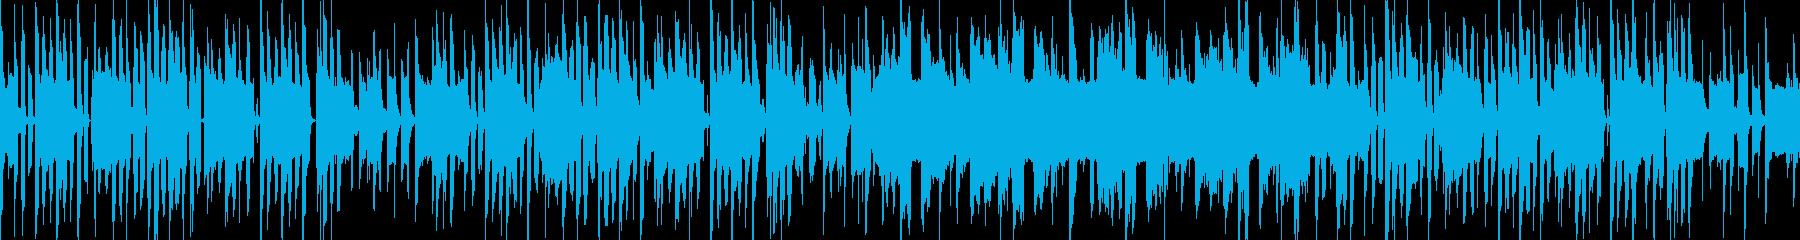 ループ可能なのんびりBGMの再生済みの波形